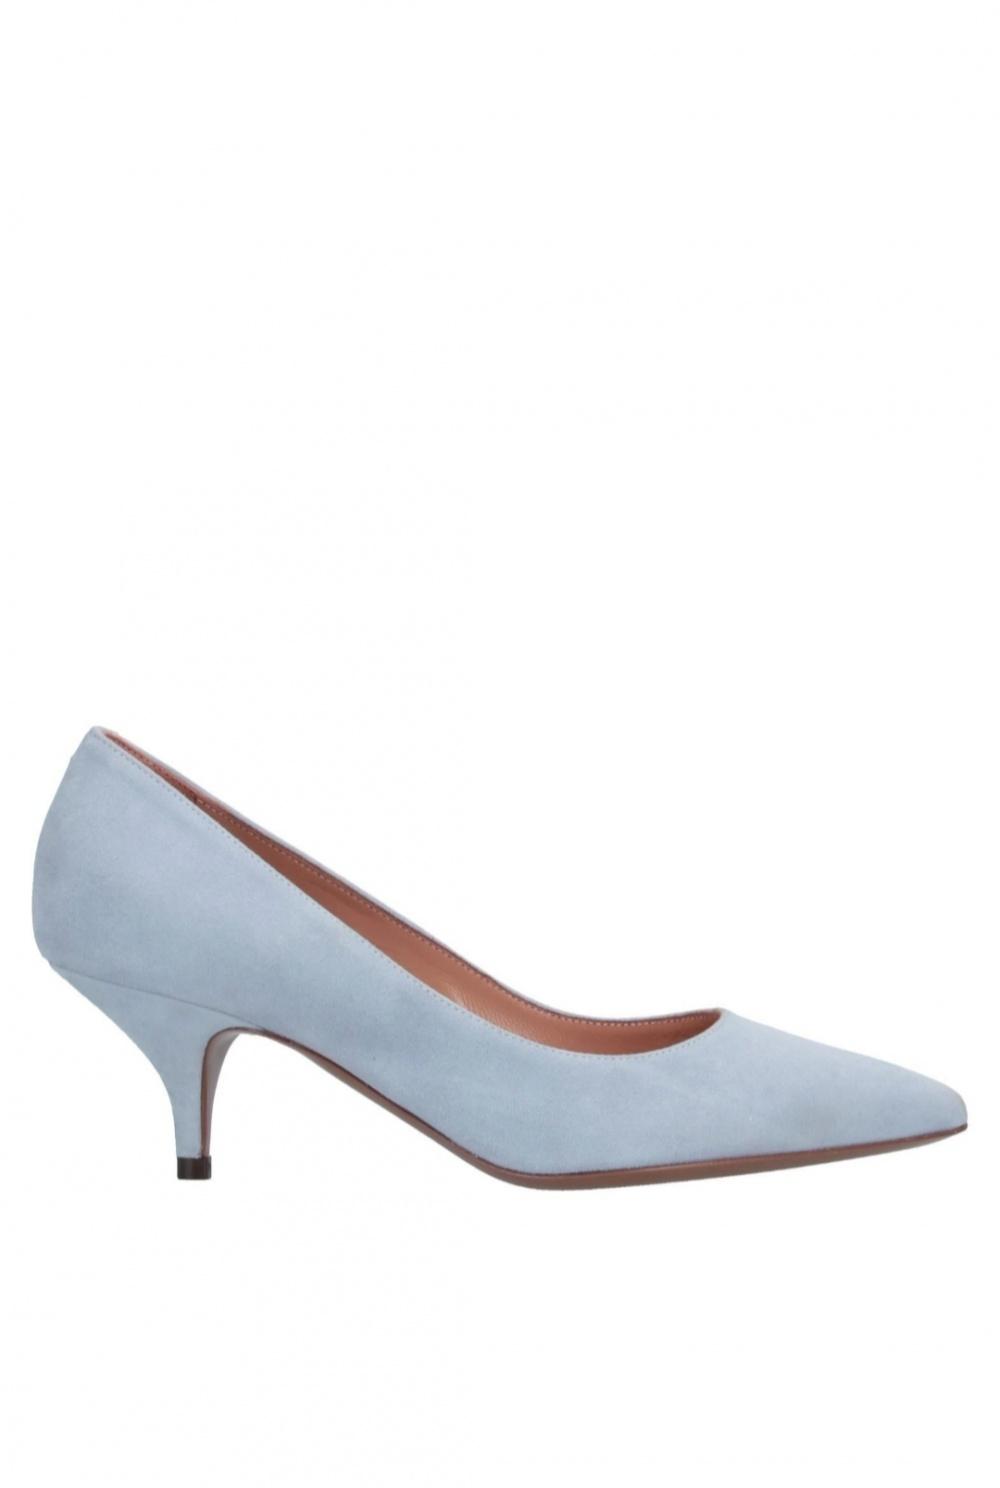 Туфли L'autrechose 36 размер